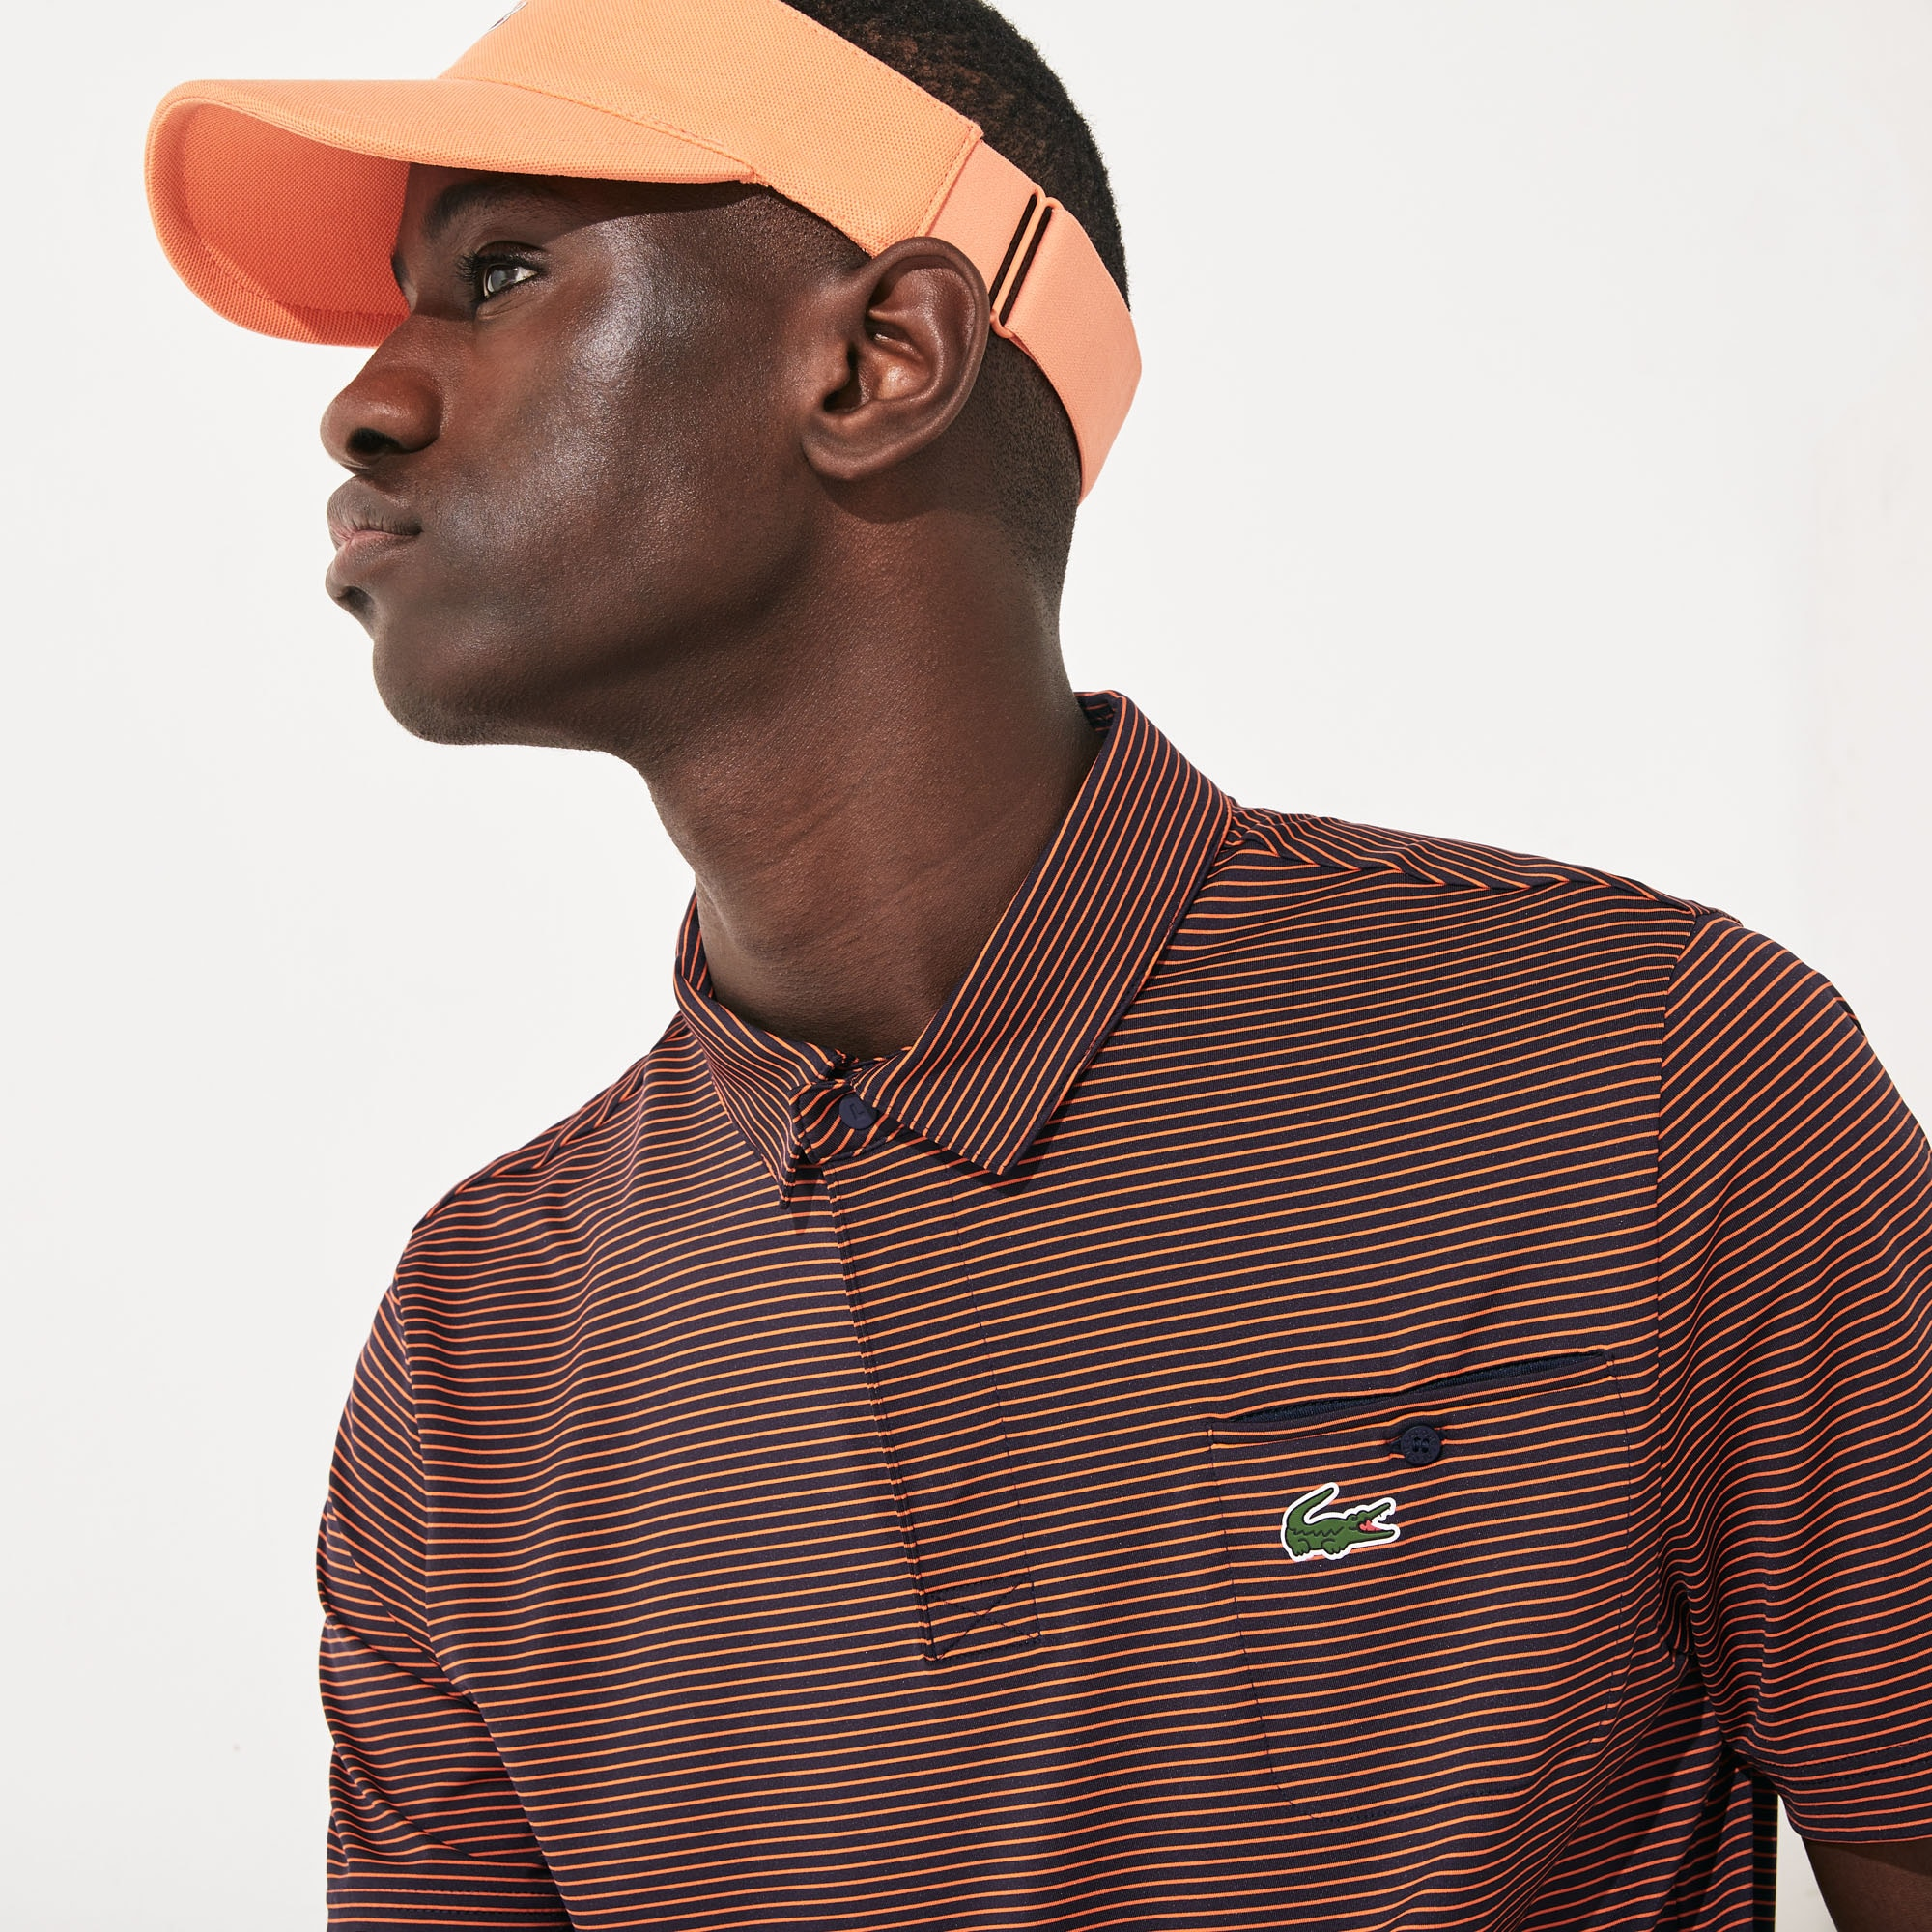 라코스테 Lacoste Mens SPORT Breathable Striped Golf Polo Shirt,Navy Blue / Red - XVF